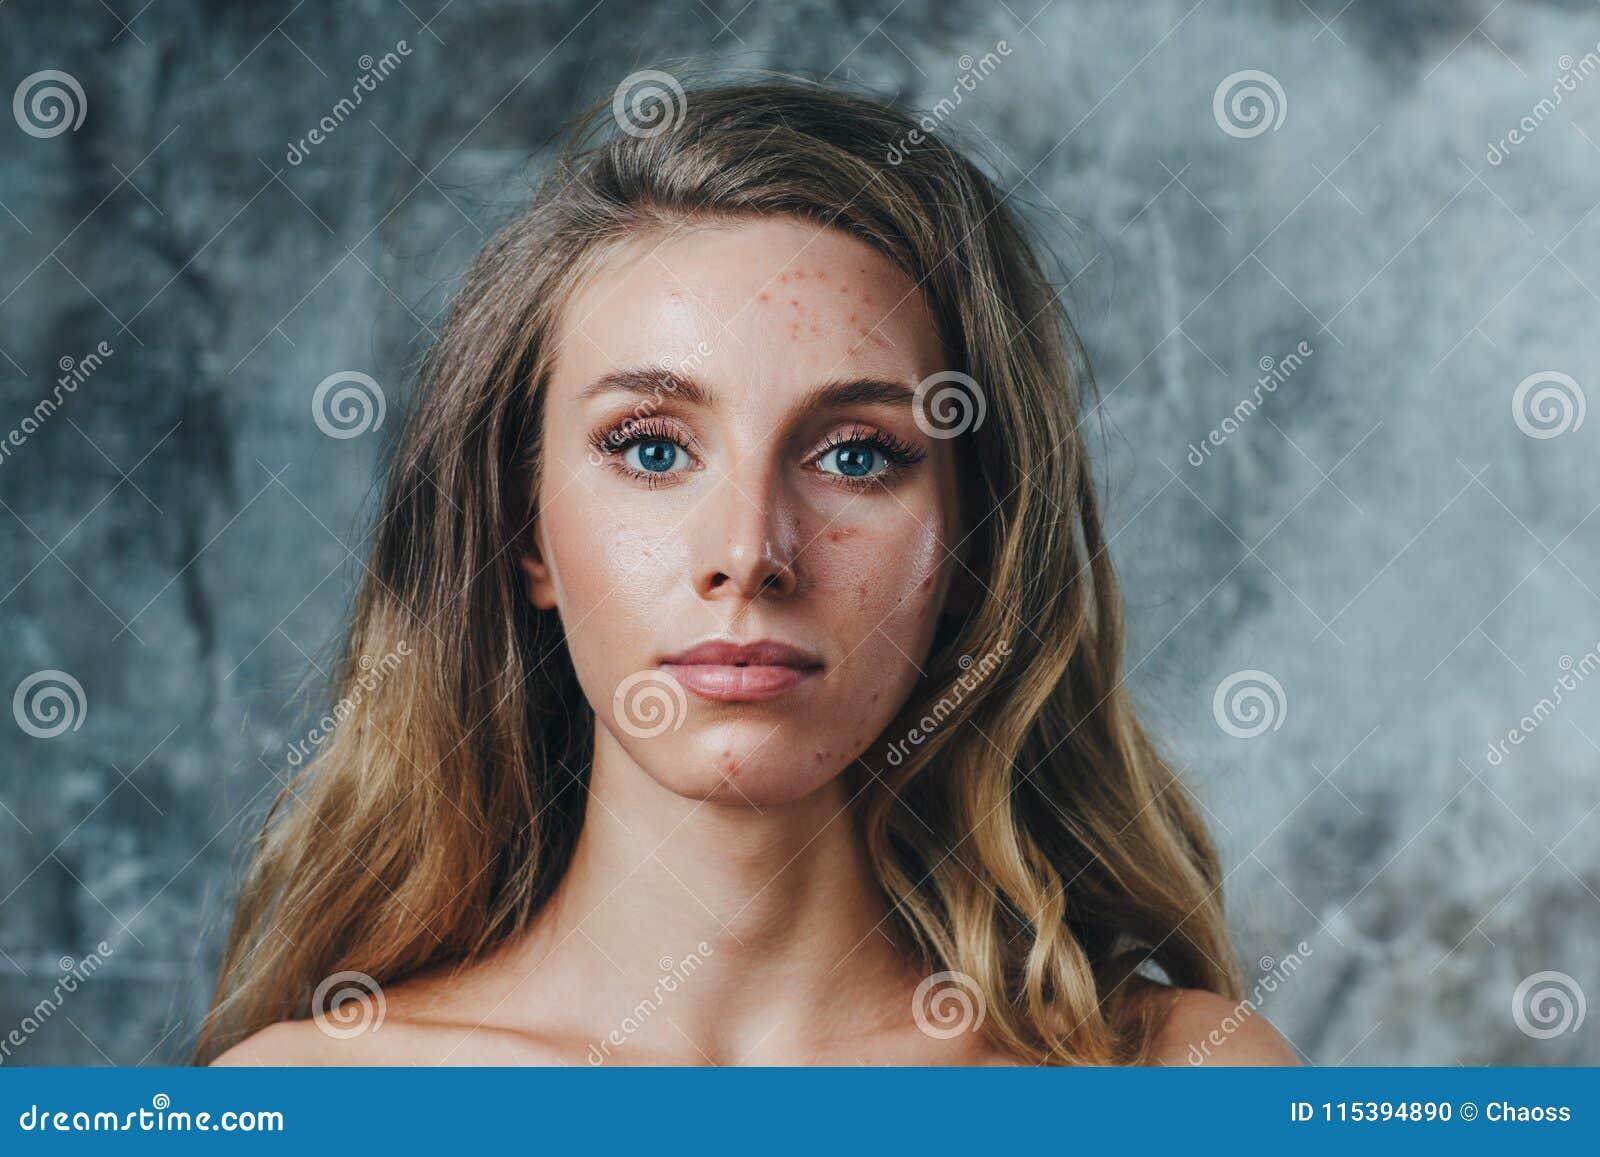 过敏和粉刺在面孔